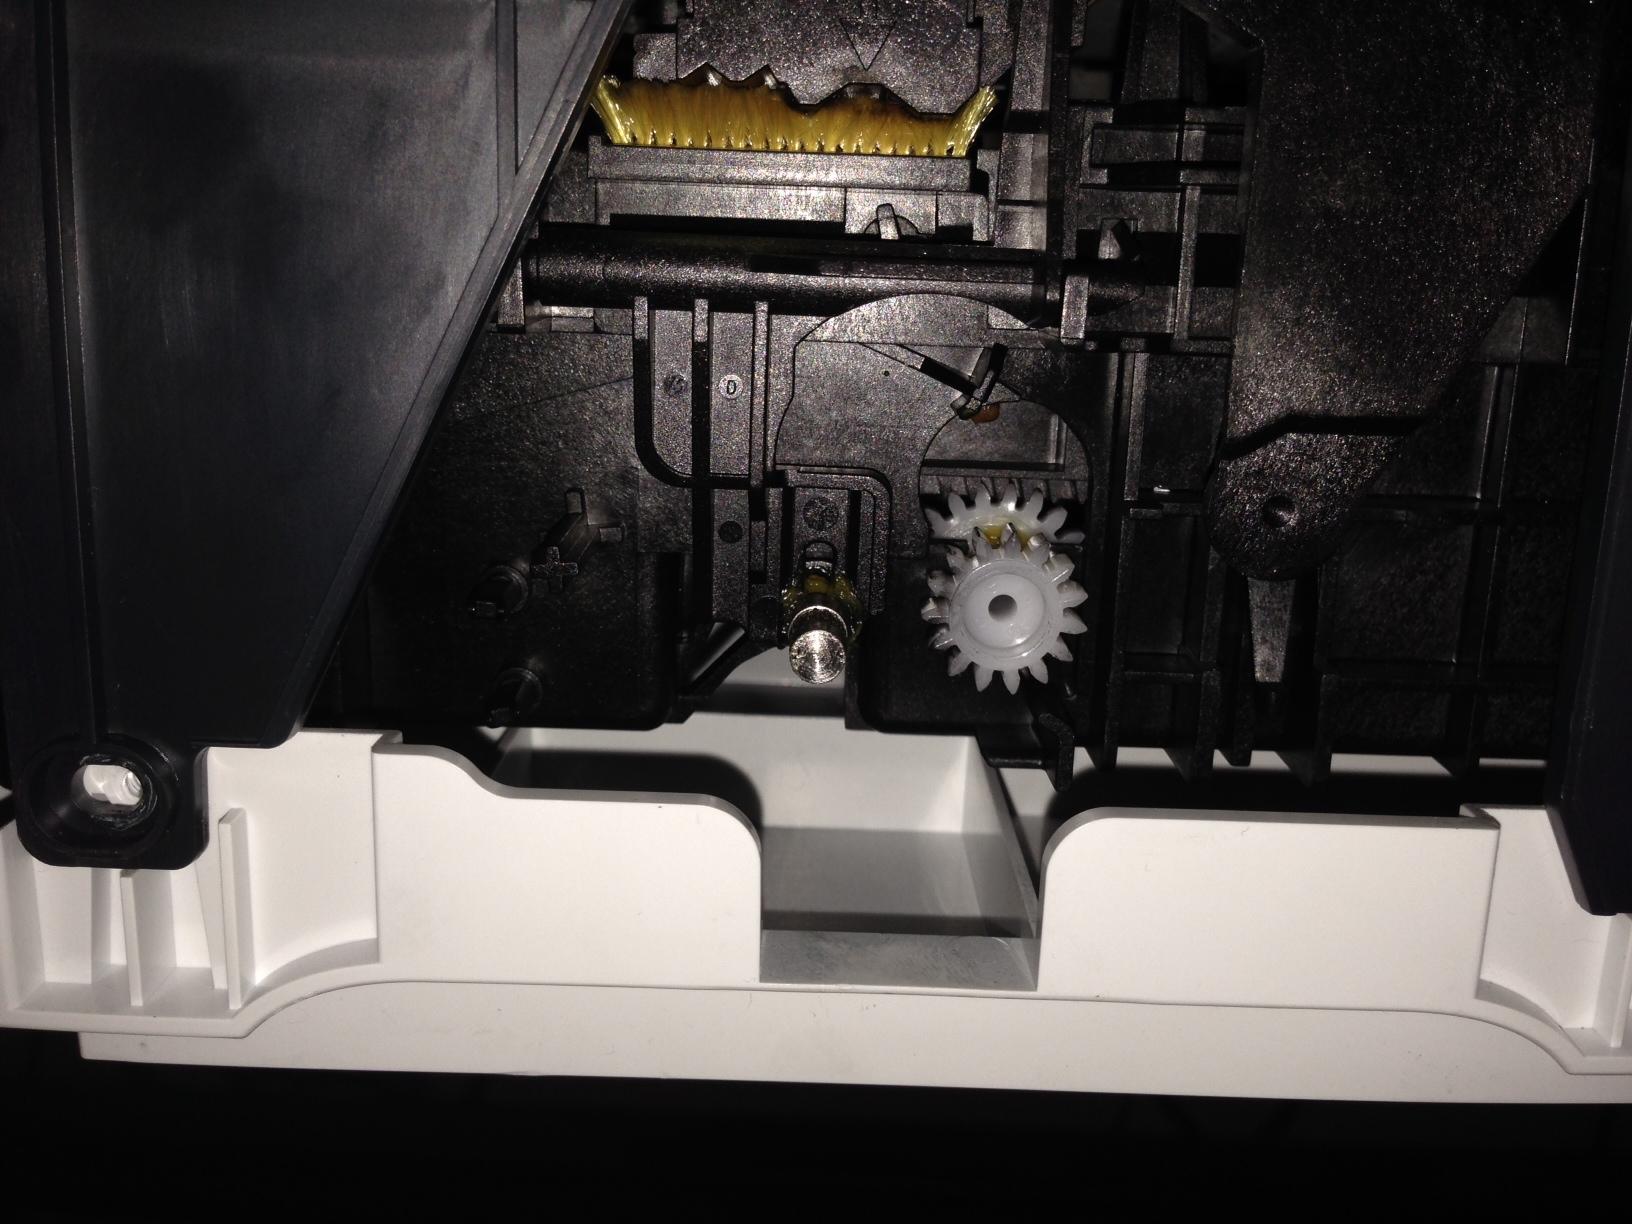 Broken Gear On Officejet J6480 - Hp Support Forum